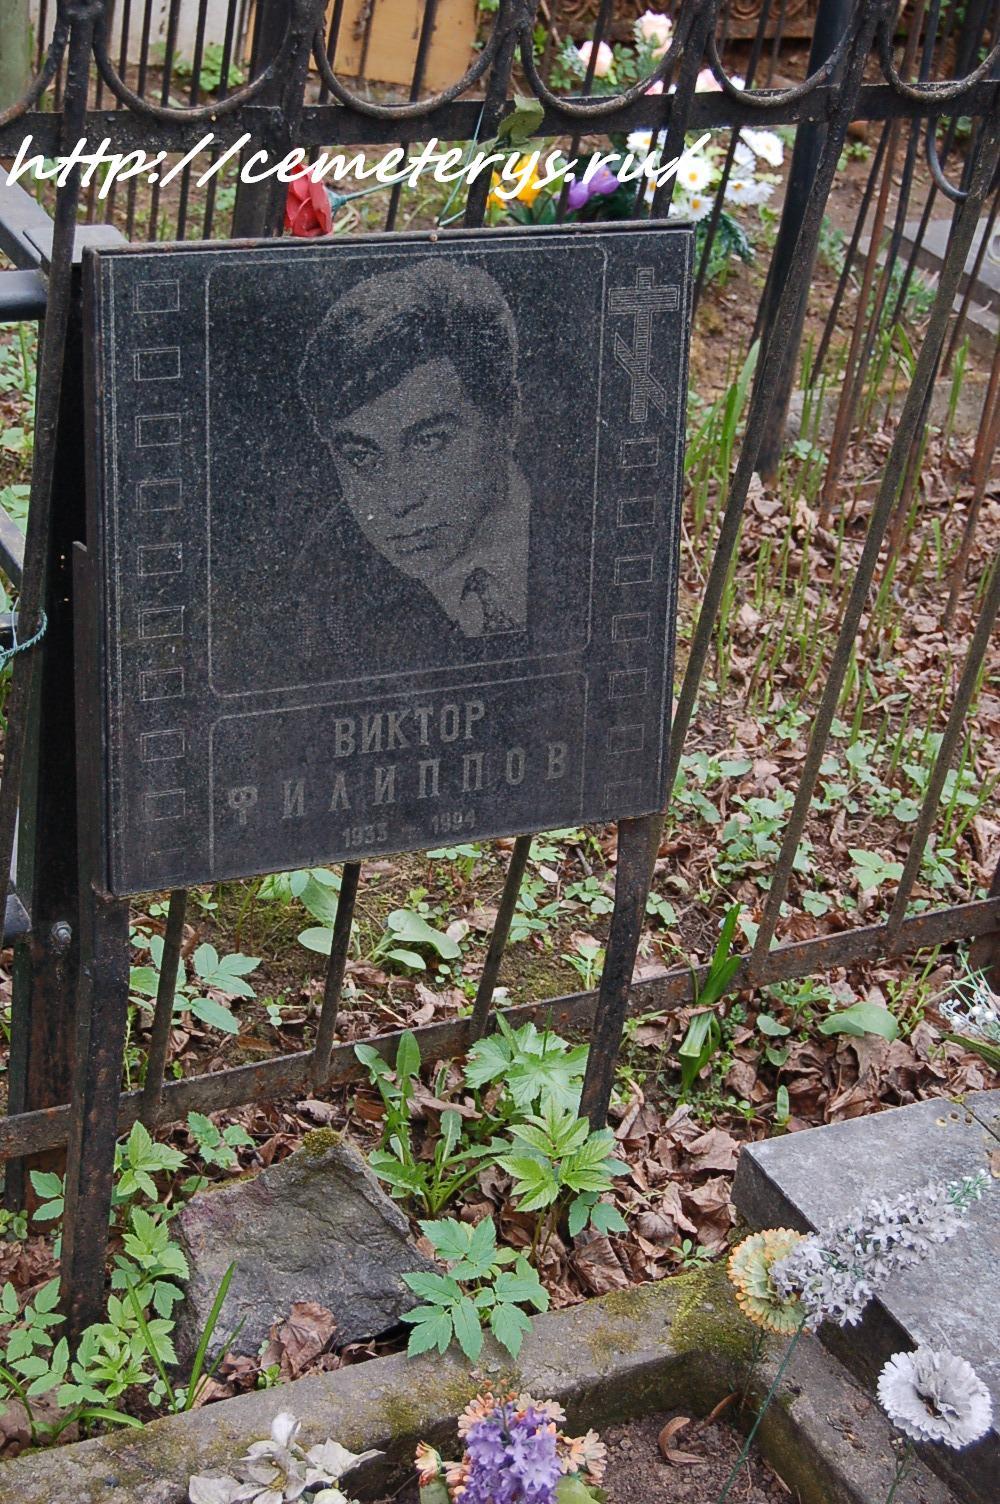 могила Виктора Филиппова на Кунцевском кладбище в Москве  (фото Дмитрия Кондратьева)